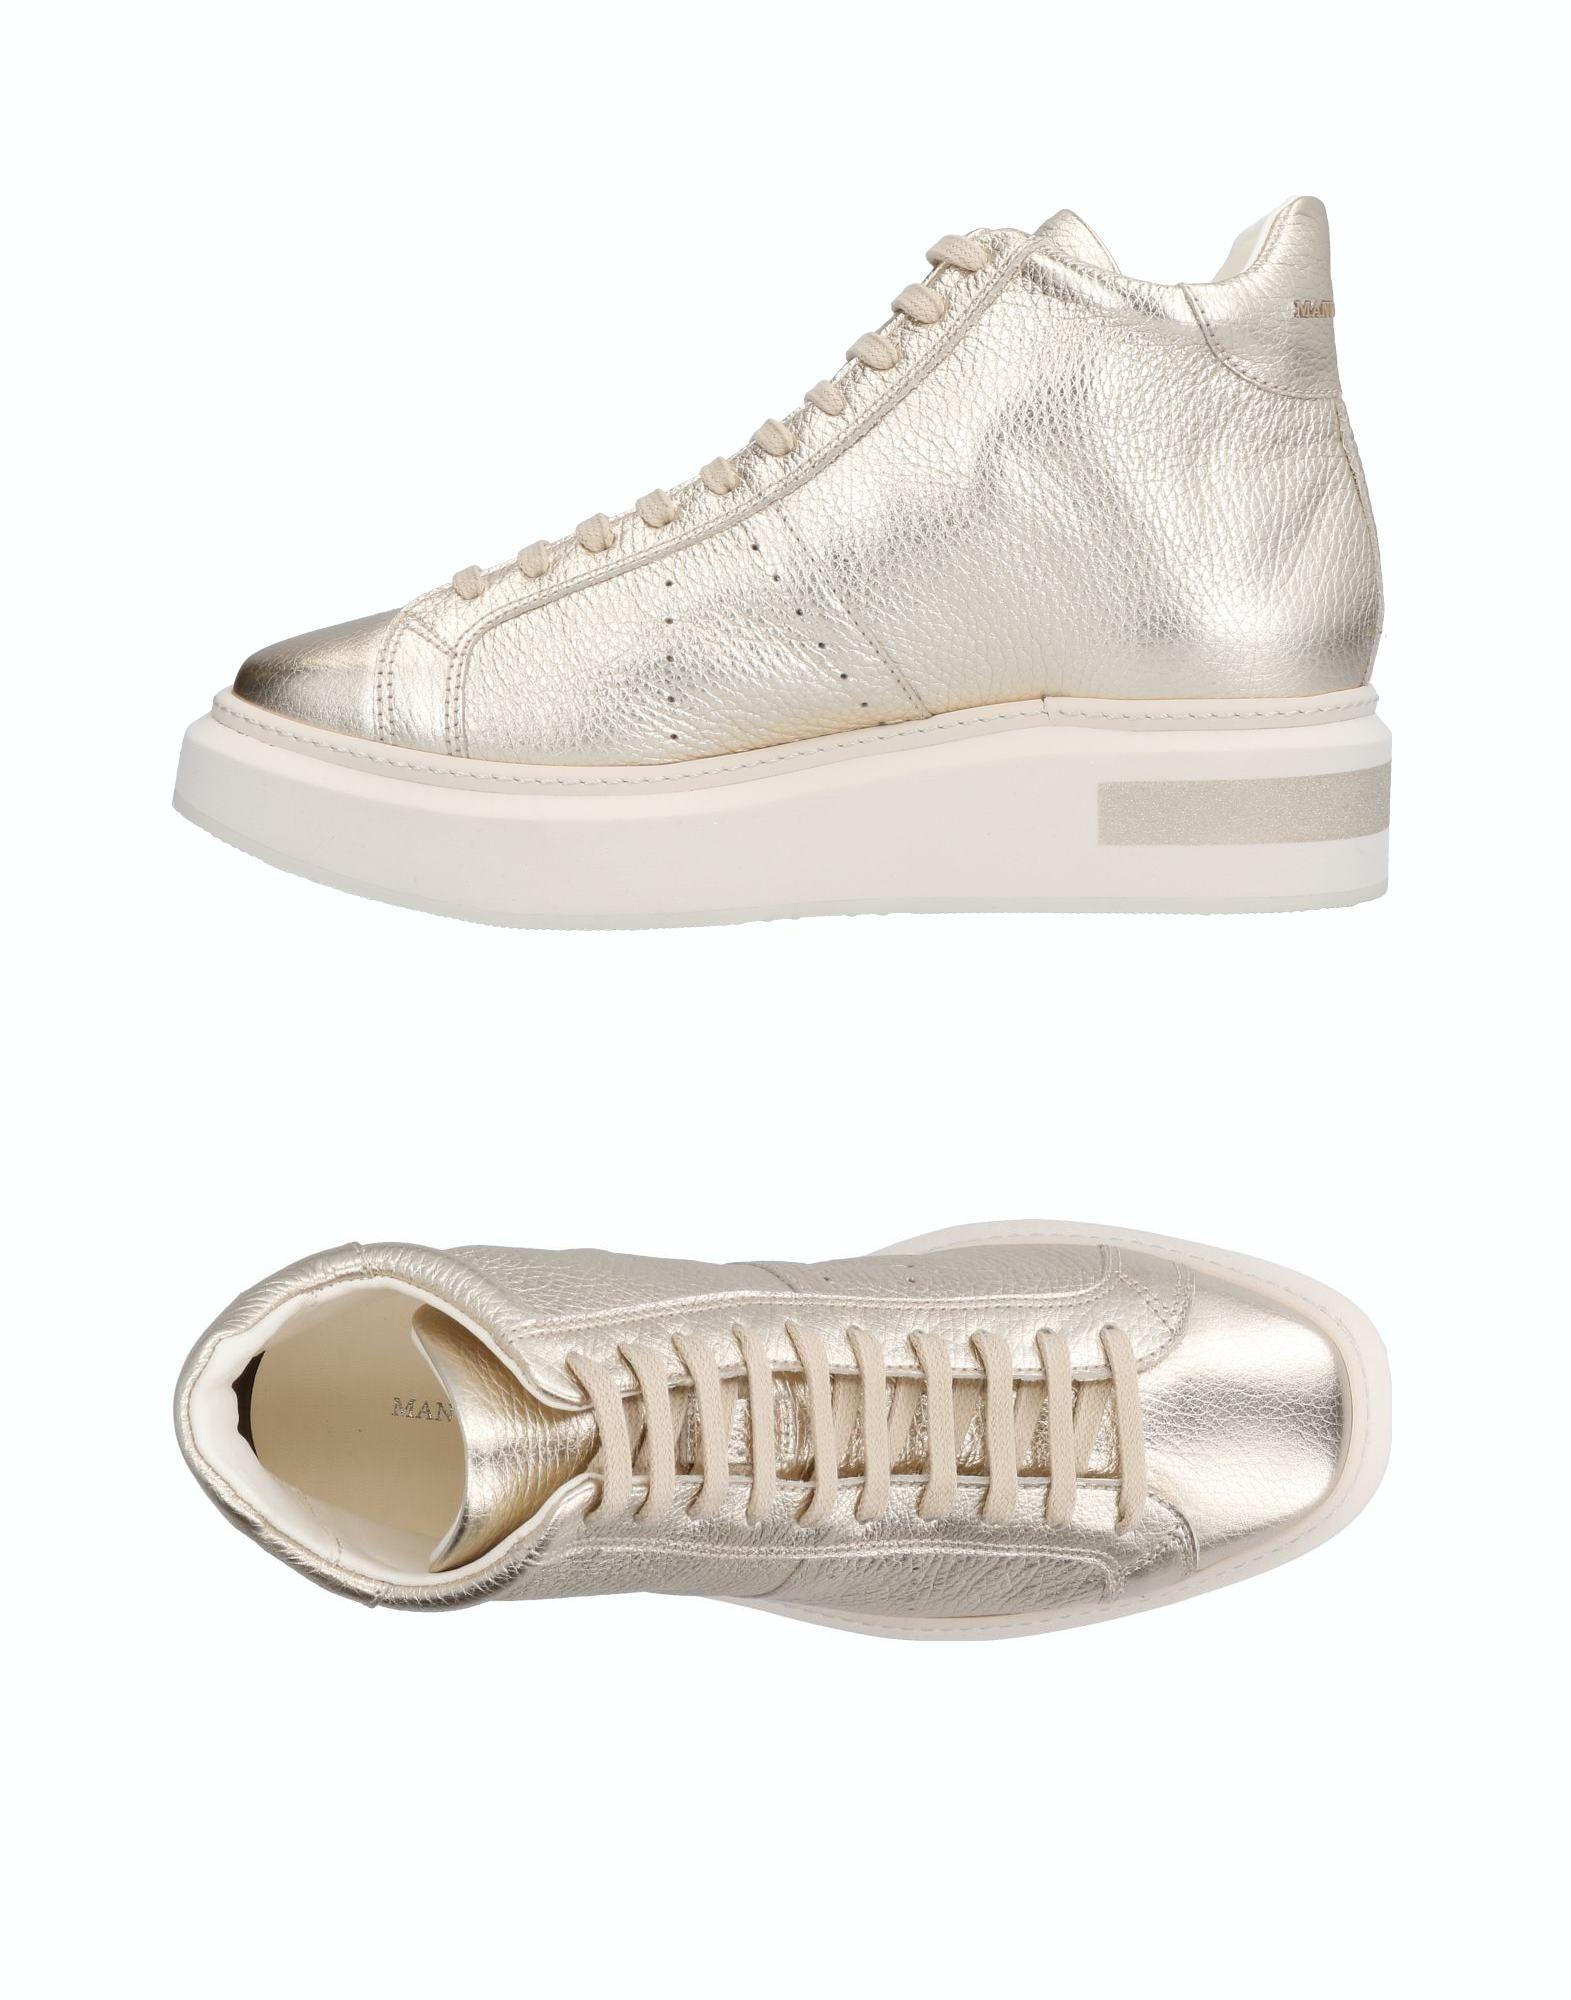 Los últimos zapatos de descuento para hombres y mujeres Zapatillas Barceló Manuel Barceló Zapatillas Mujer - Zapatillas Manuel Barceló  Plata 3f80d3